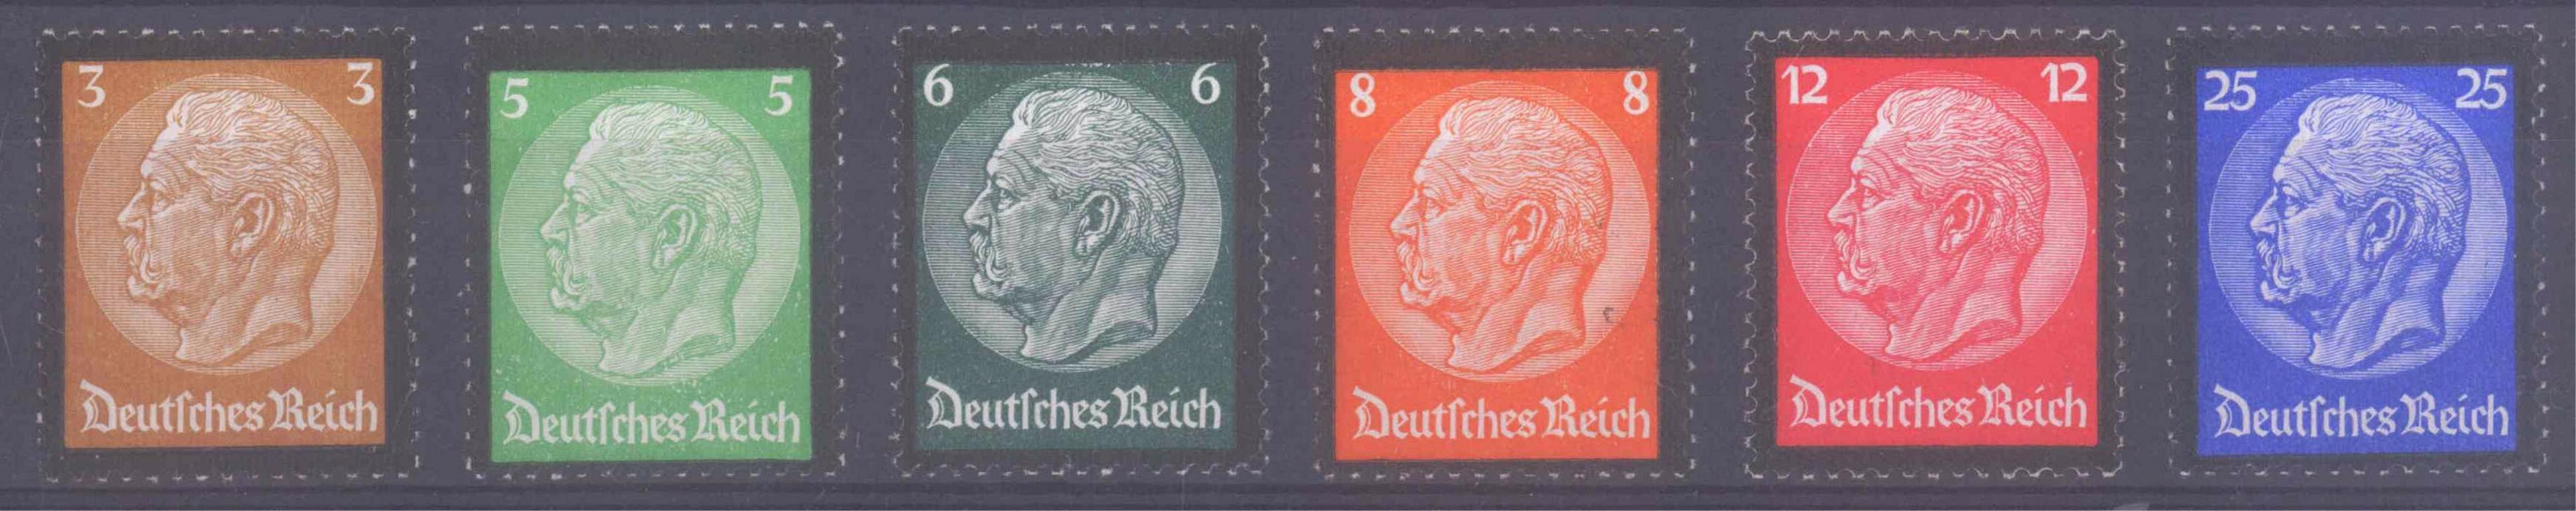 III. Reich 1934, Hindenburg – Trauerrand